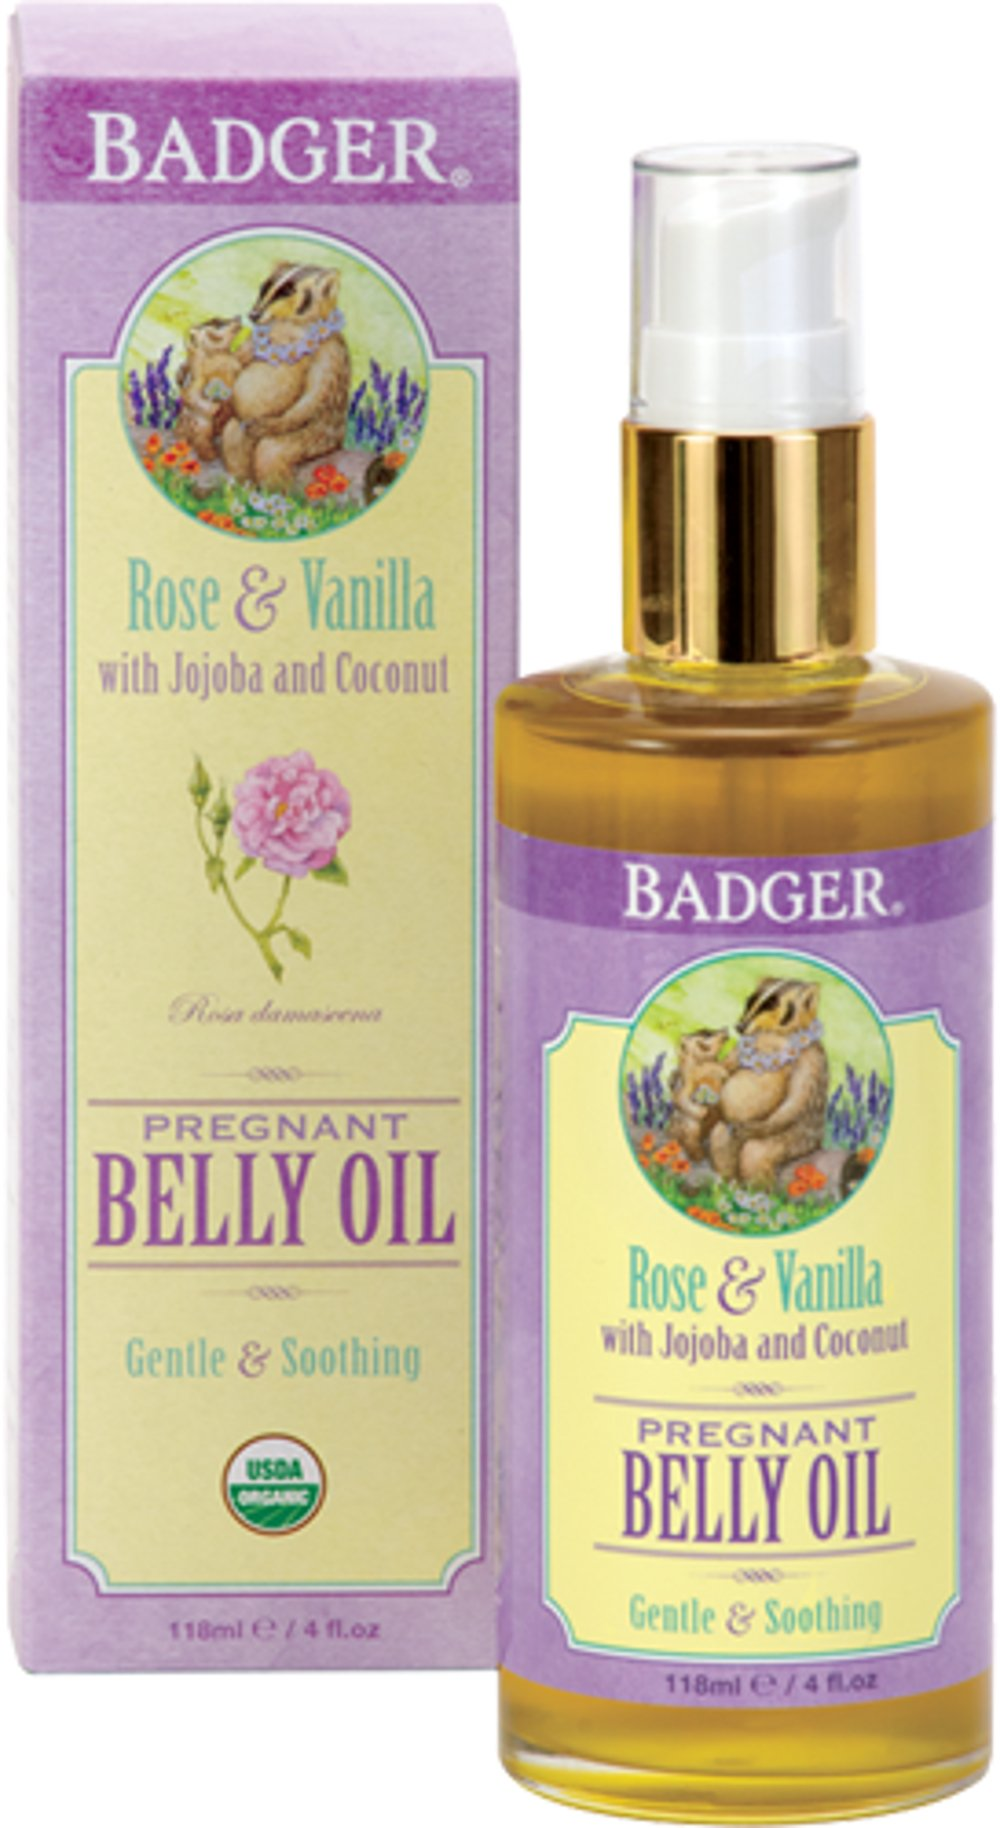 Badger Organic Pregnant Belly Oil - Jojoba & Coconut - 4 oz.